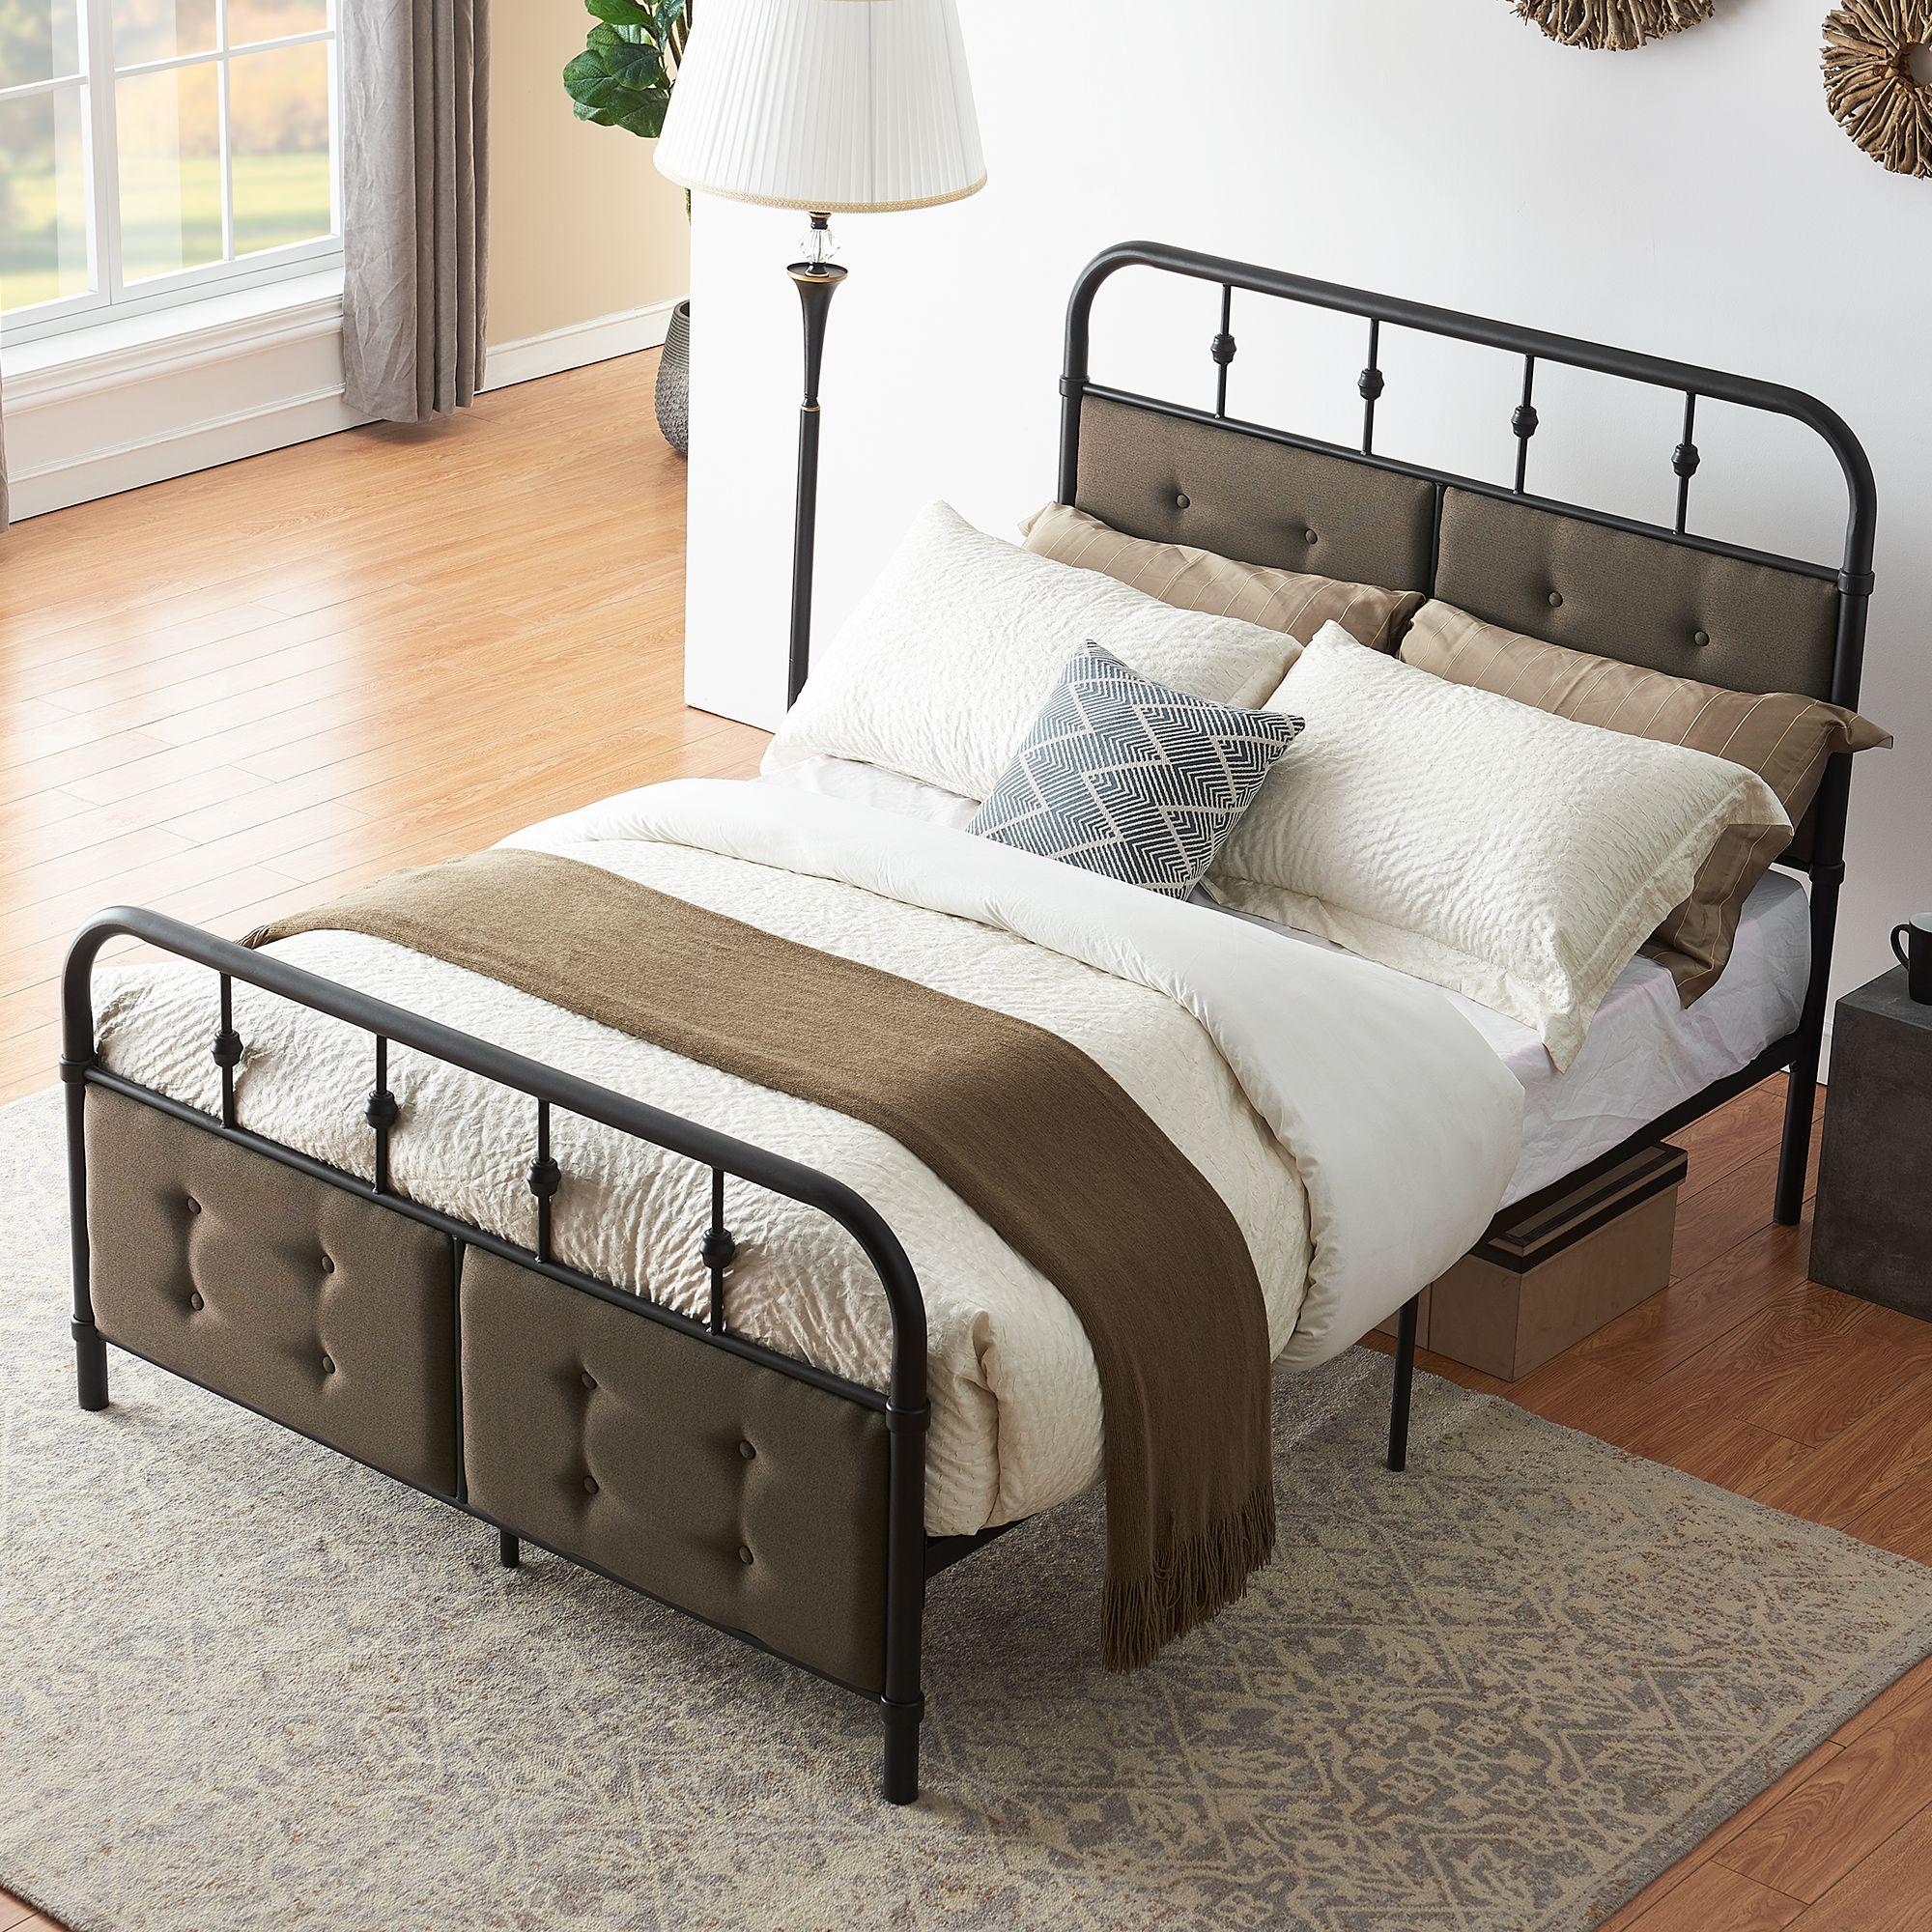 Industrial Metal Bed Frame Platform Bed with Upholstered